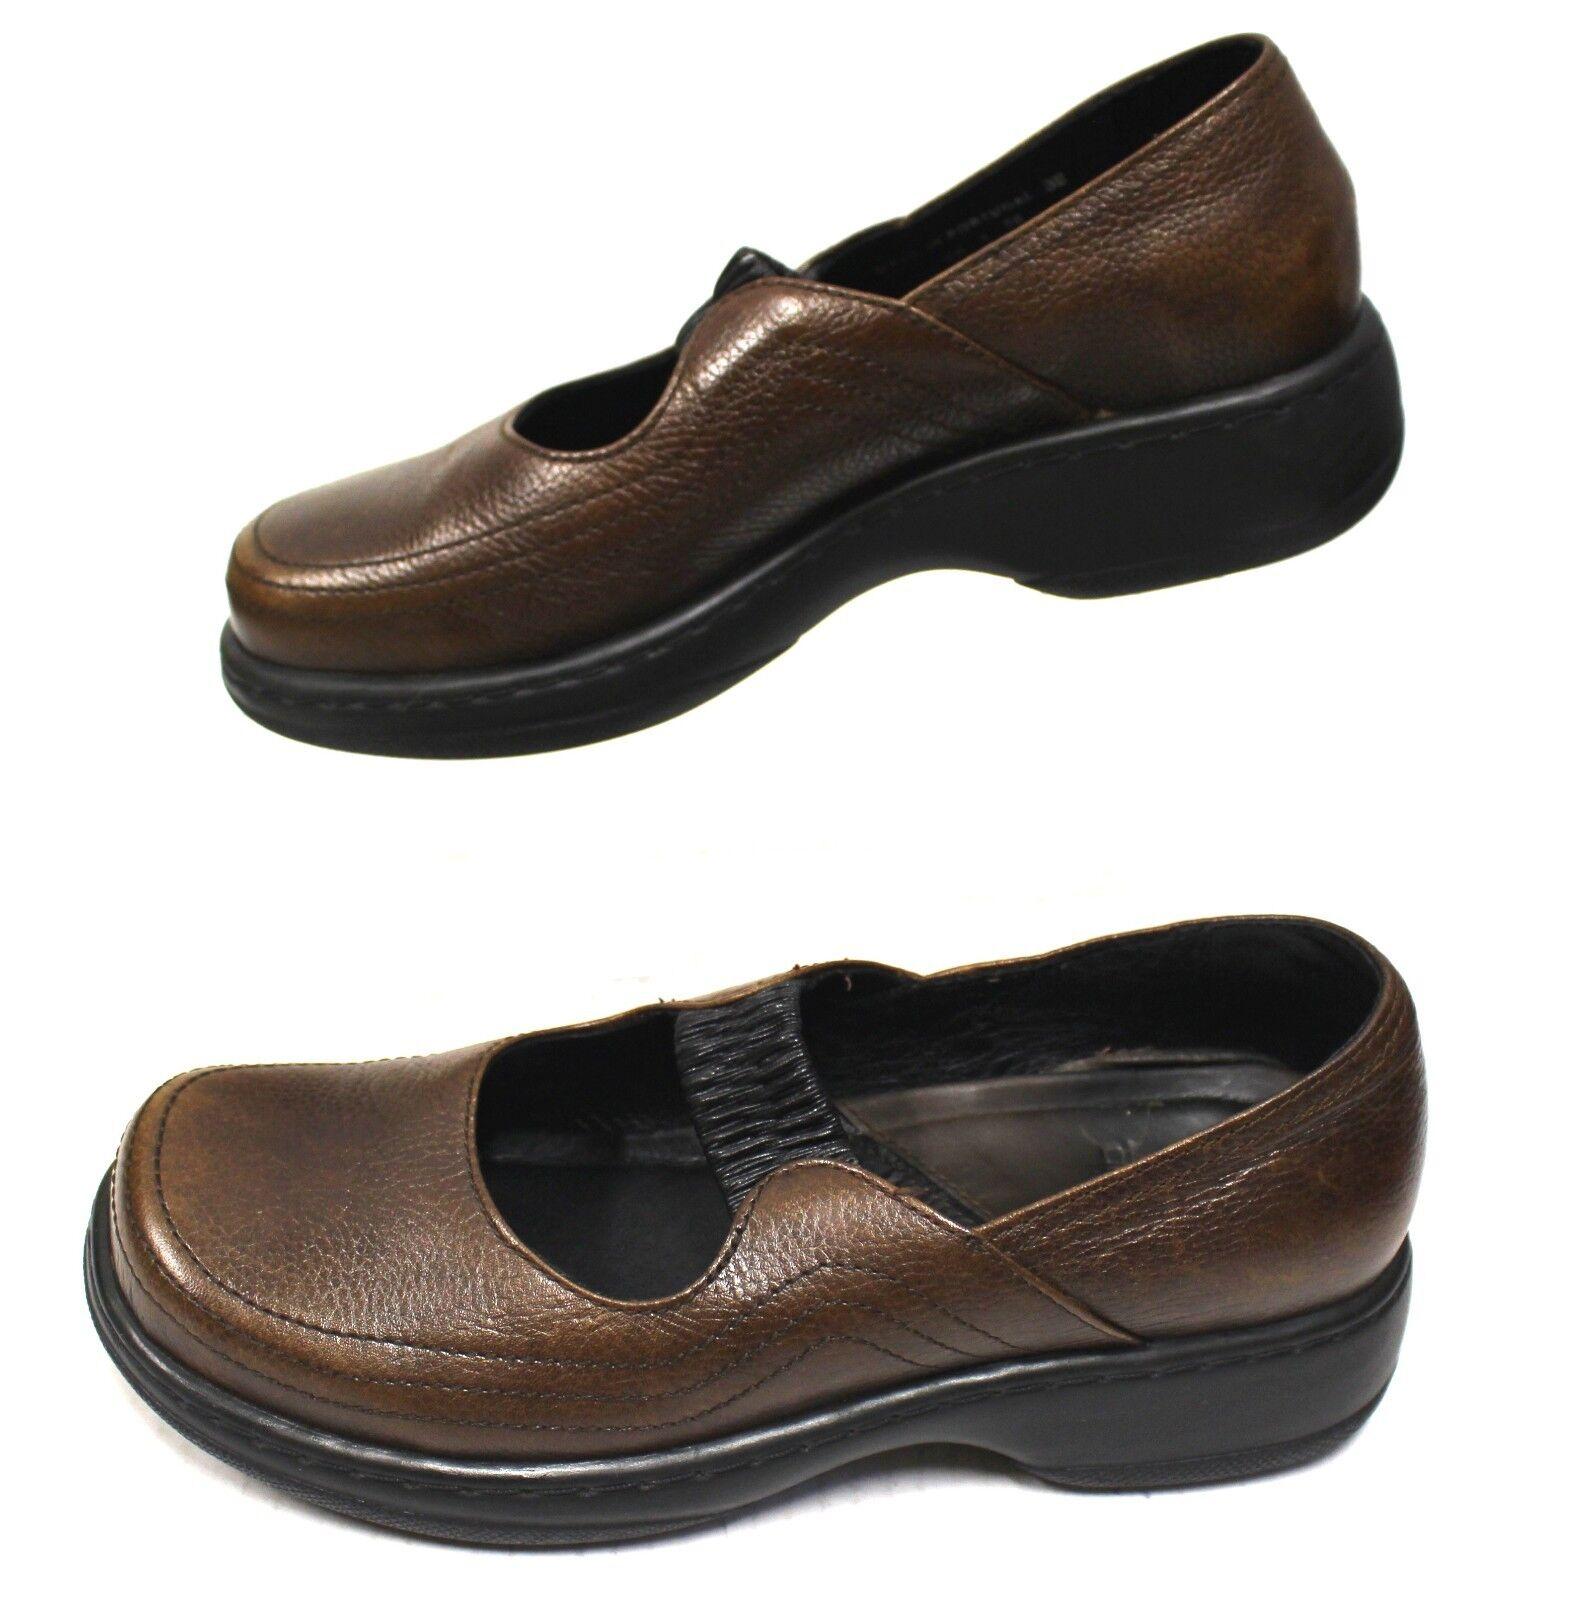 Dansko 2496 Mujeres Zuecos Zapatos de cuña de 8 8 8 38 Mary Janes enfermera profesional de cuero  diseños exclusivos